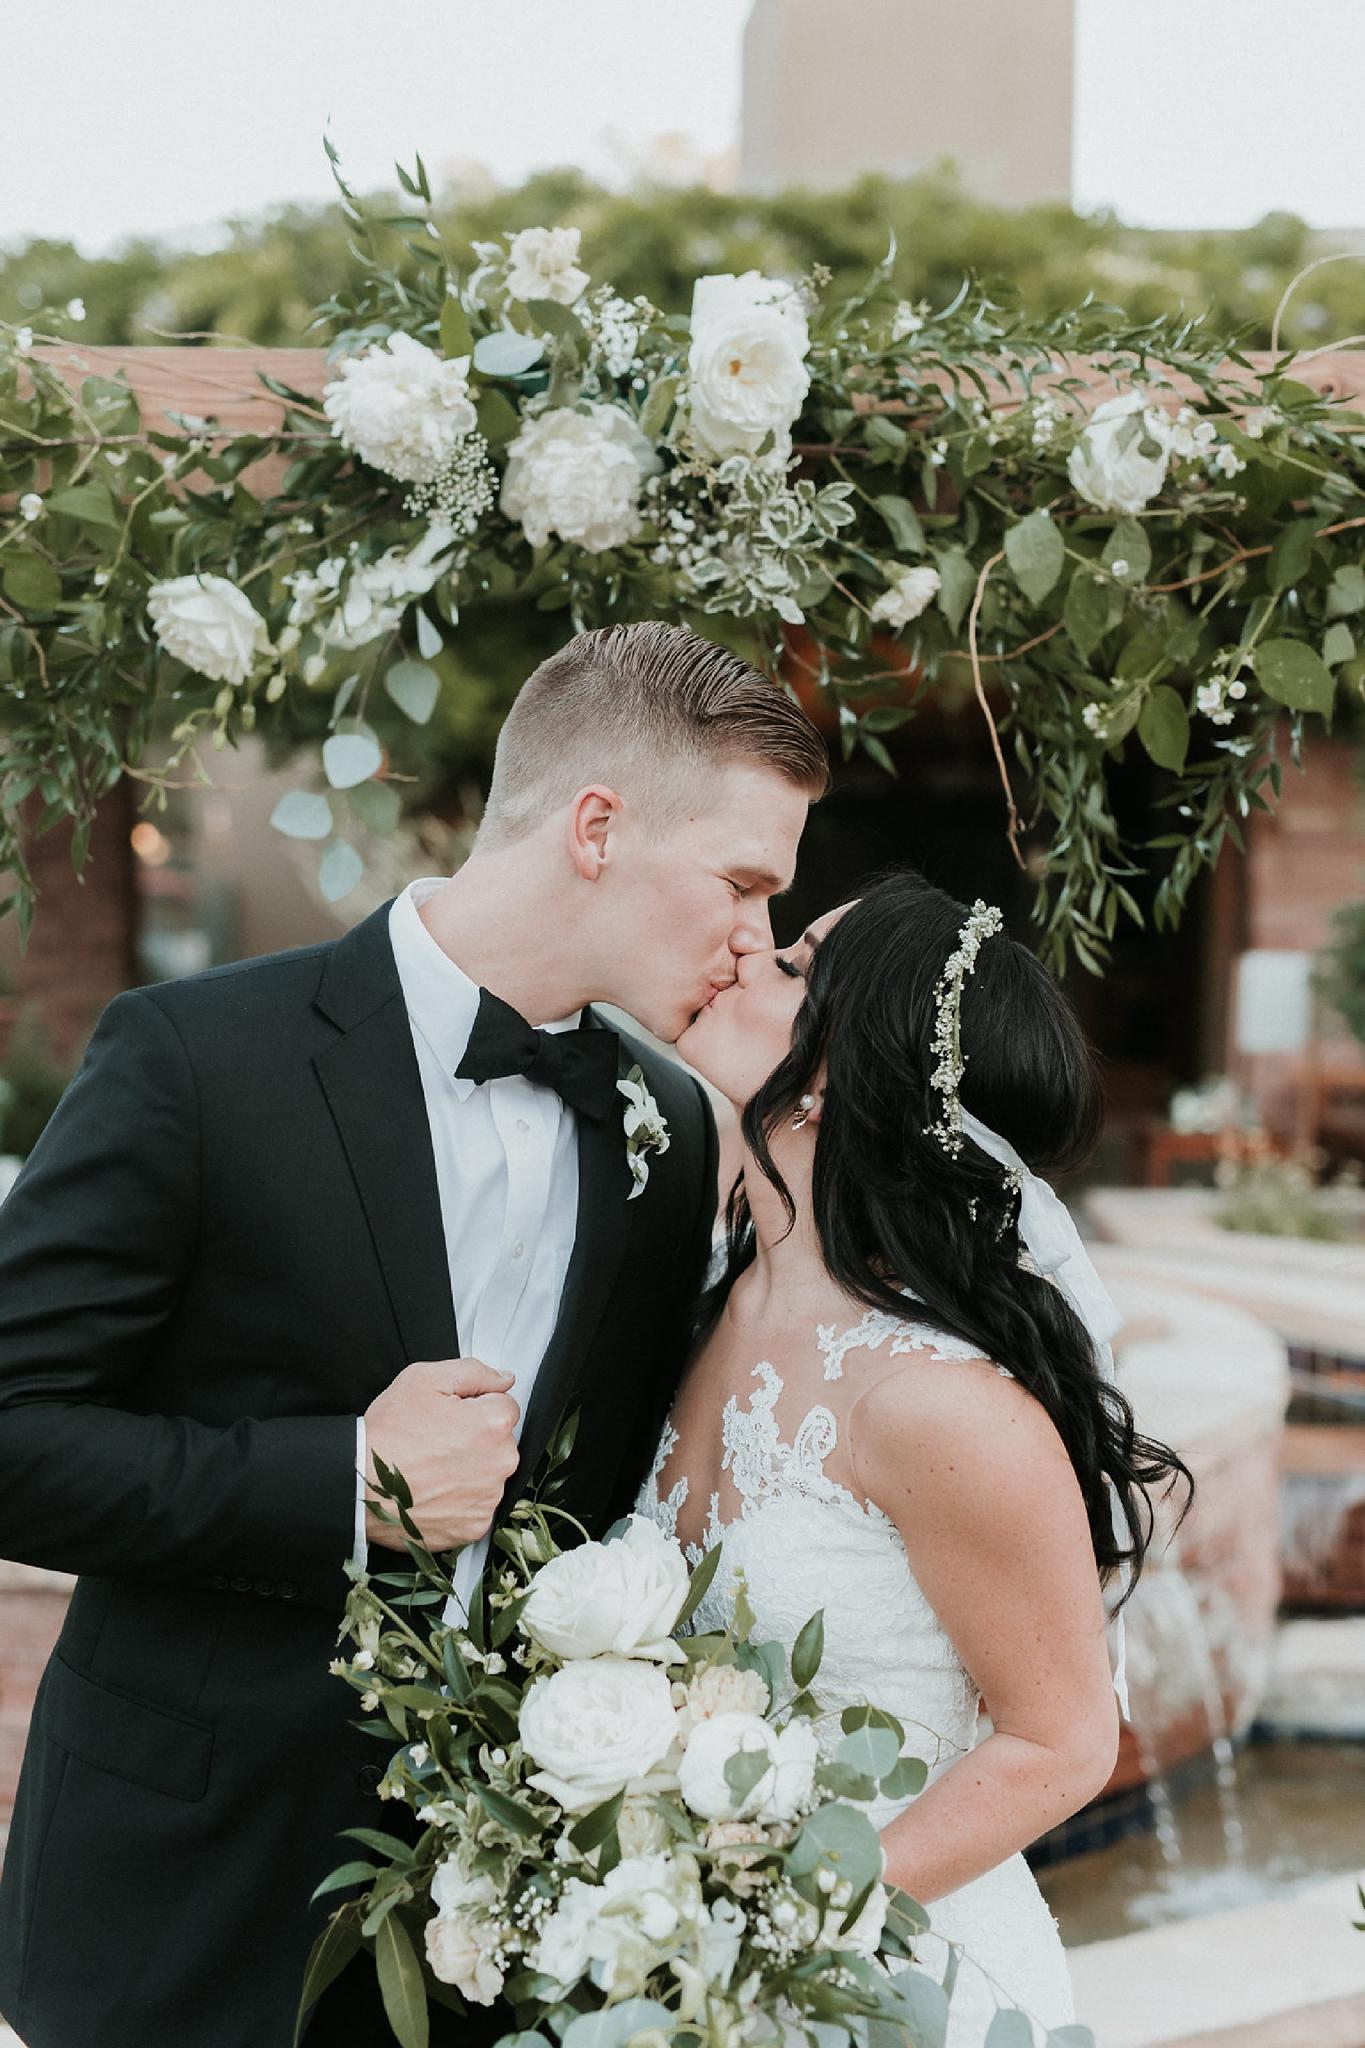 Alicia+lucia+photography+-+albuquerque+wedding+photographer+-+santa+fe+wedding+photography+-+new+mexico+wedding+photographer+-+wedding+ceremony+-+wedding+alter+-+floral+alter_0018.jpg